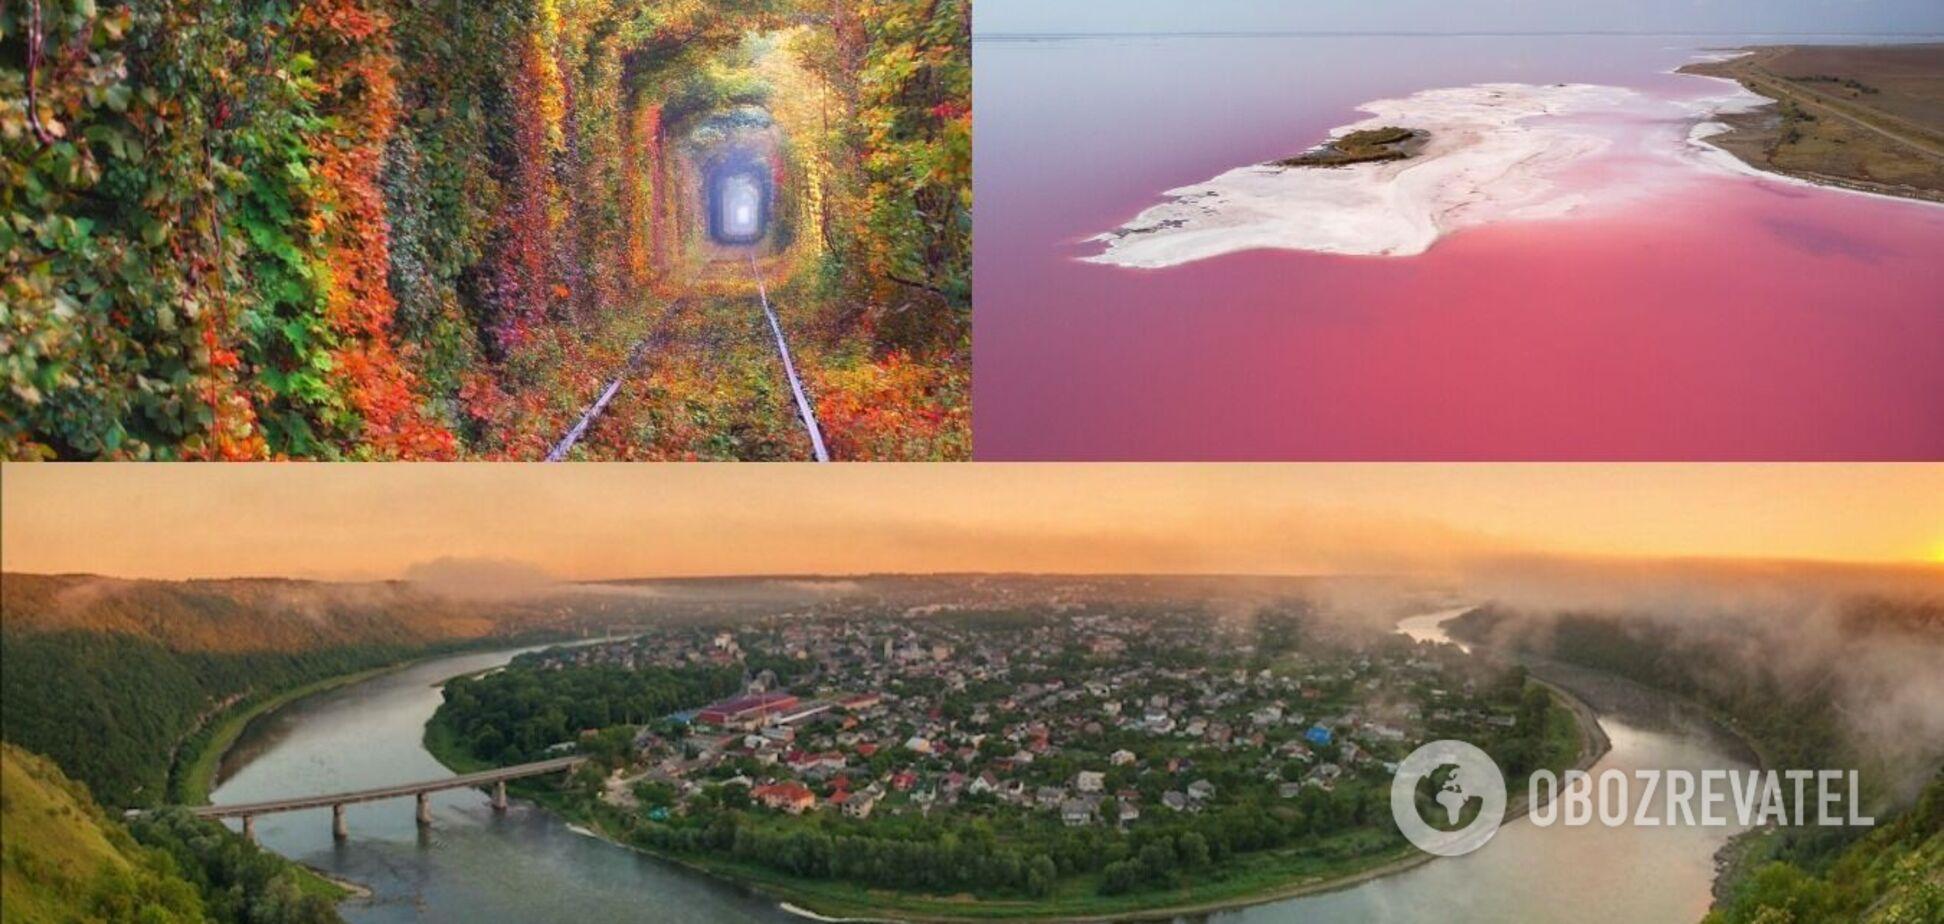 Топ-5 удивительных мест в пригородах Украины, на которые стоит потратить выходные. Фото и видео